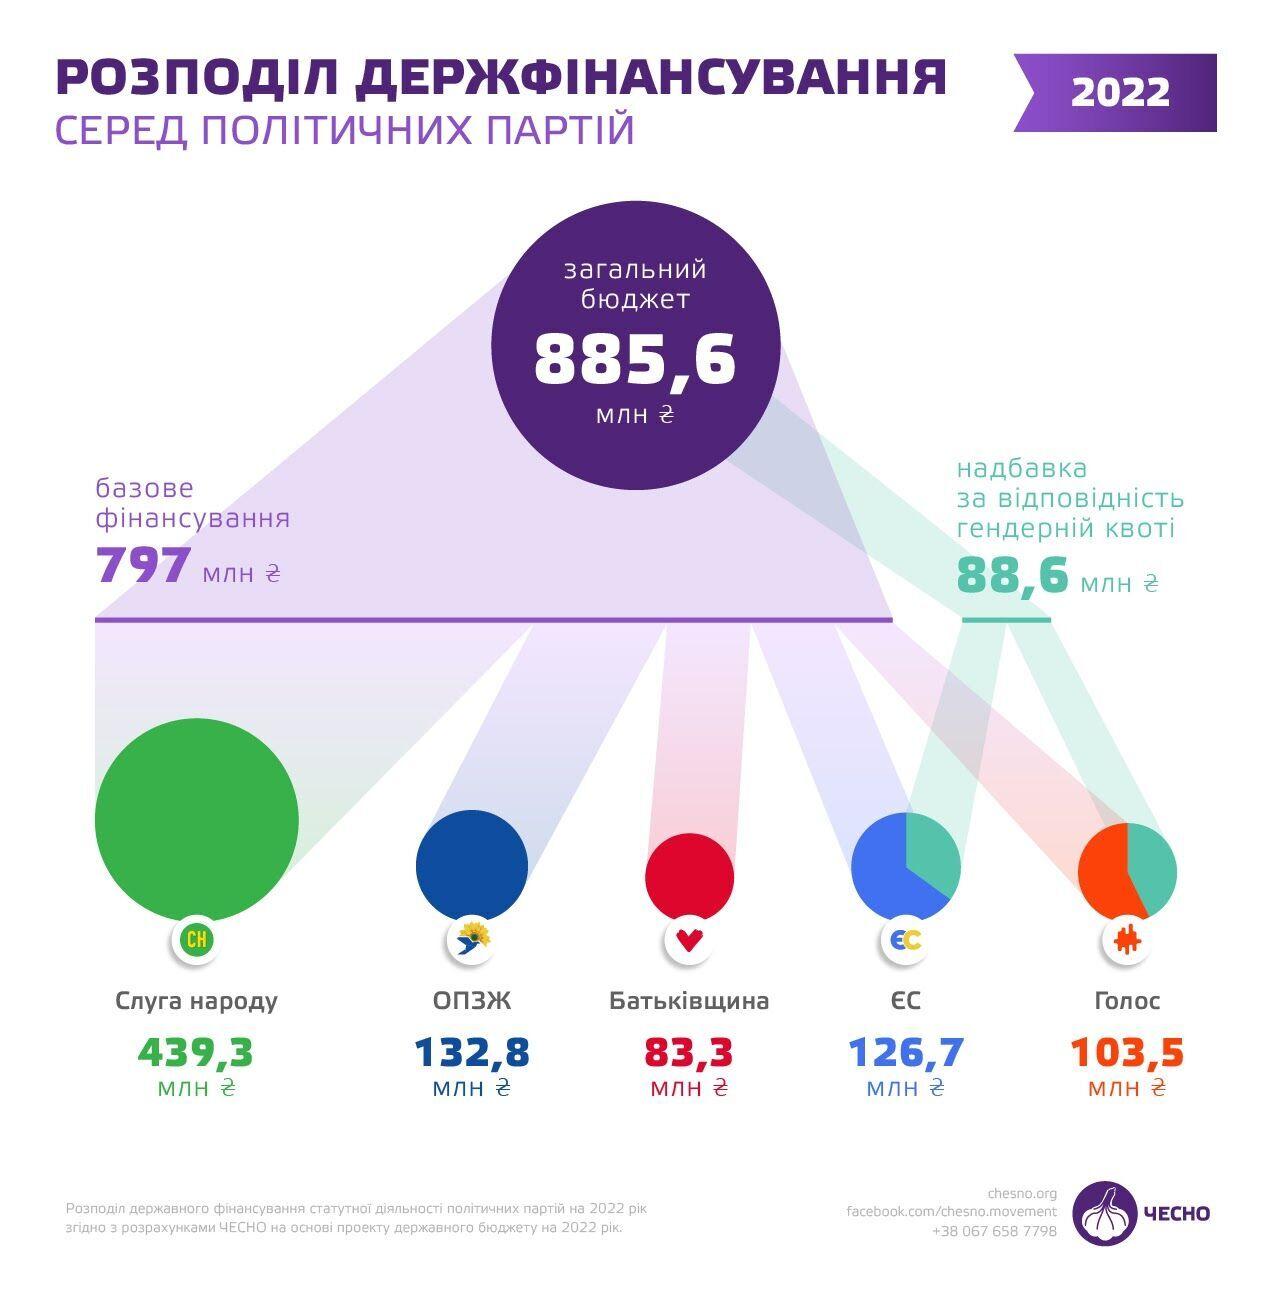 Сколько получат политические партии из бюджета-2022